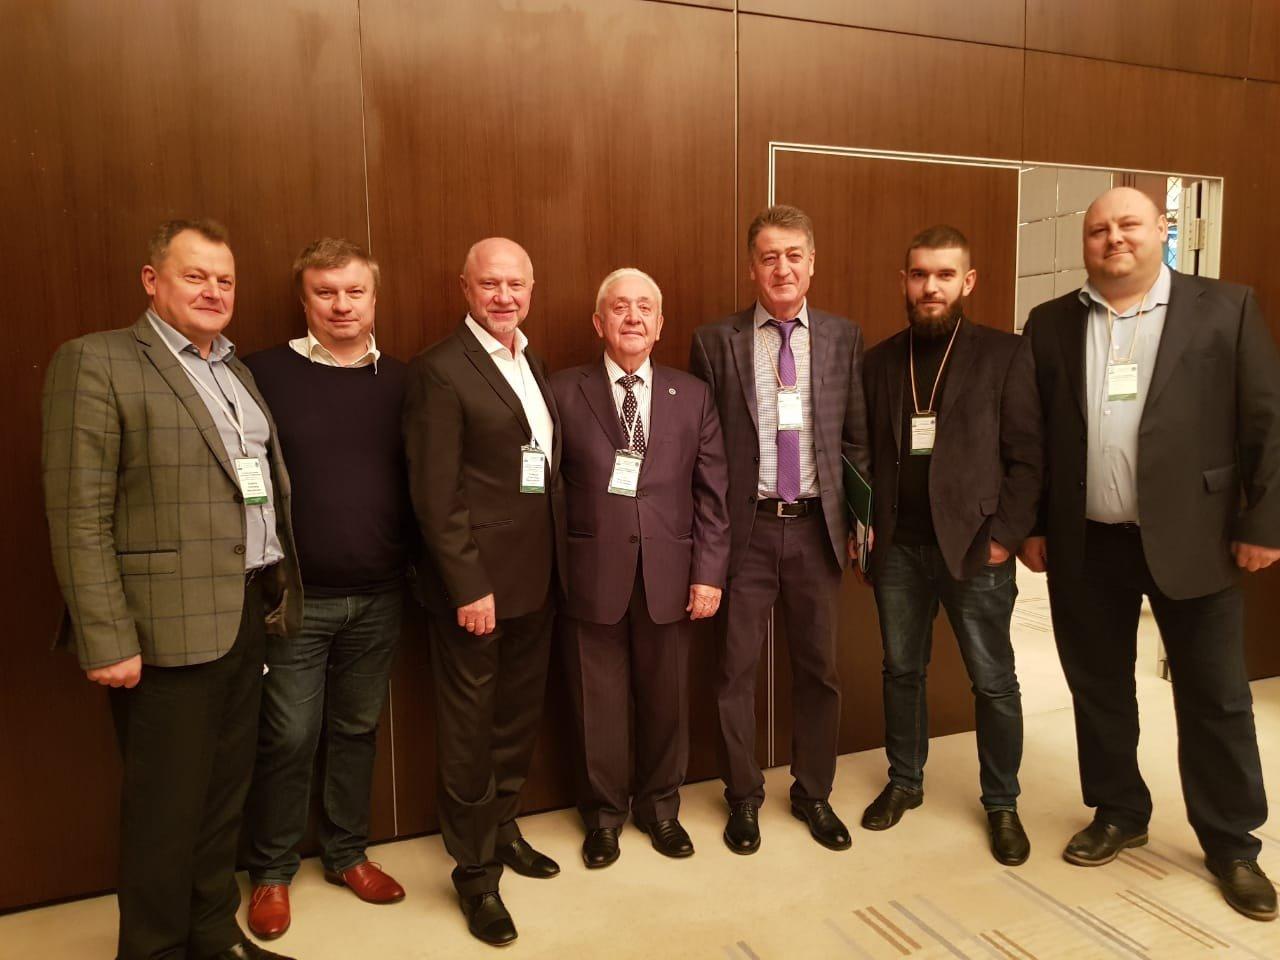 Науково-практична конференція з міжнародною участю  «Сучасні дослідження в ортопедії та травматології»